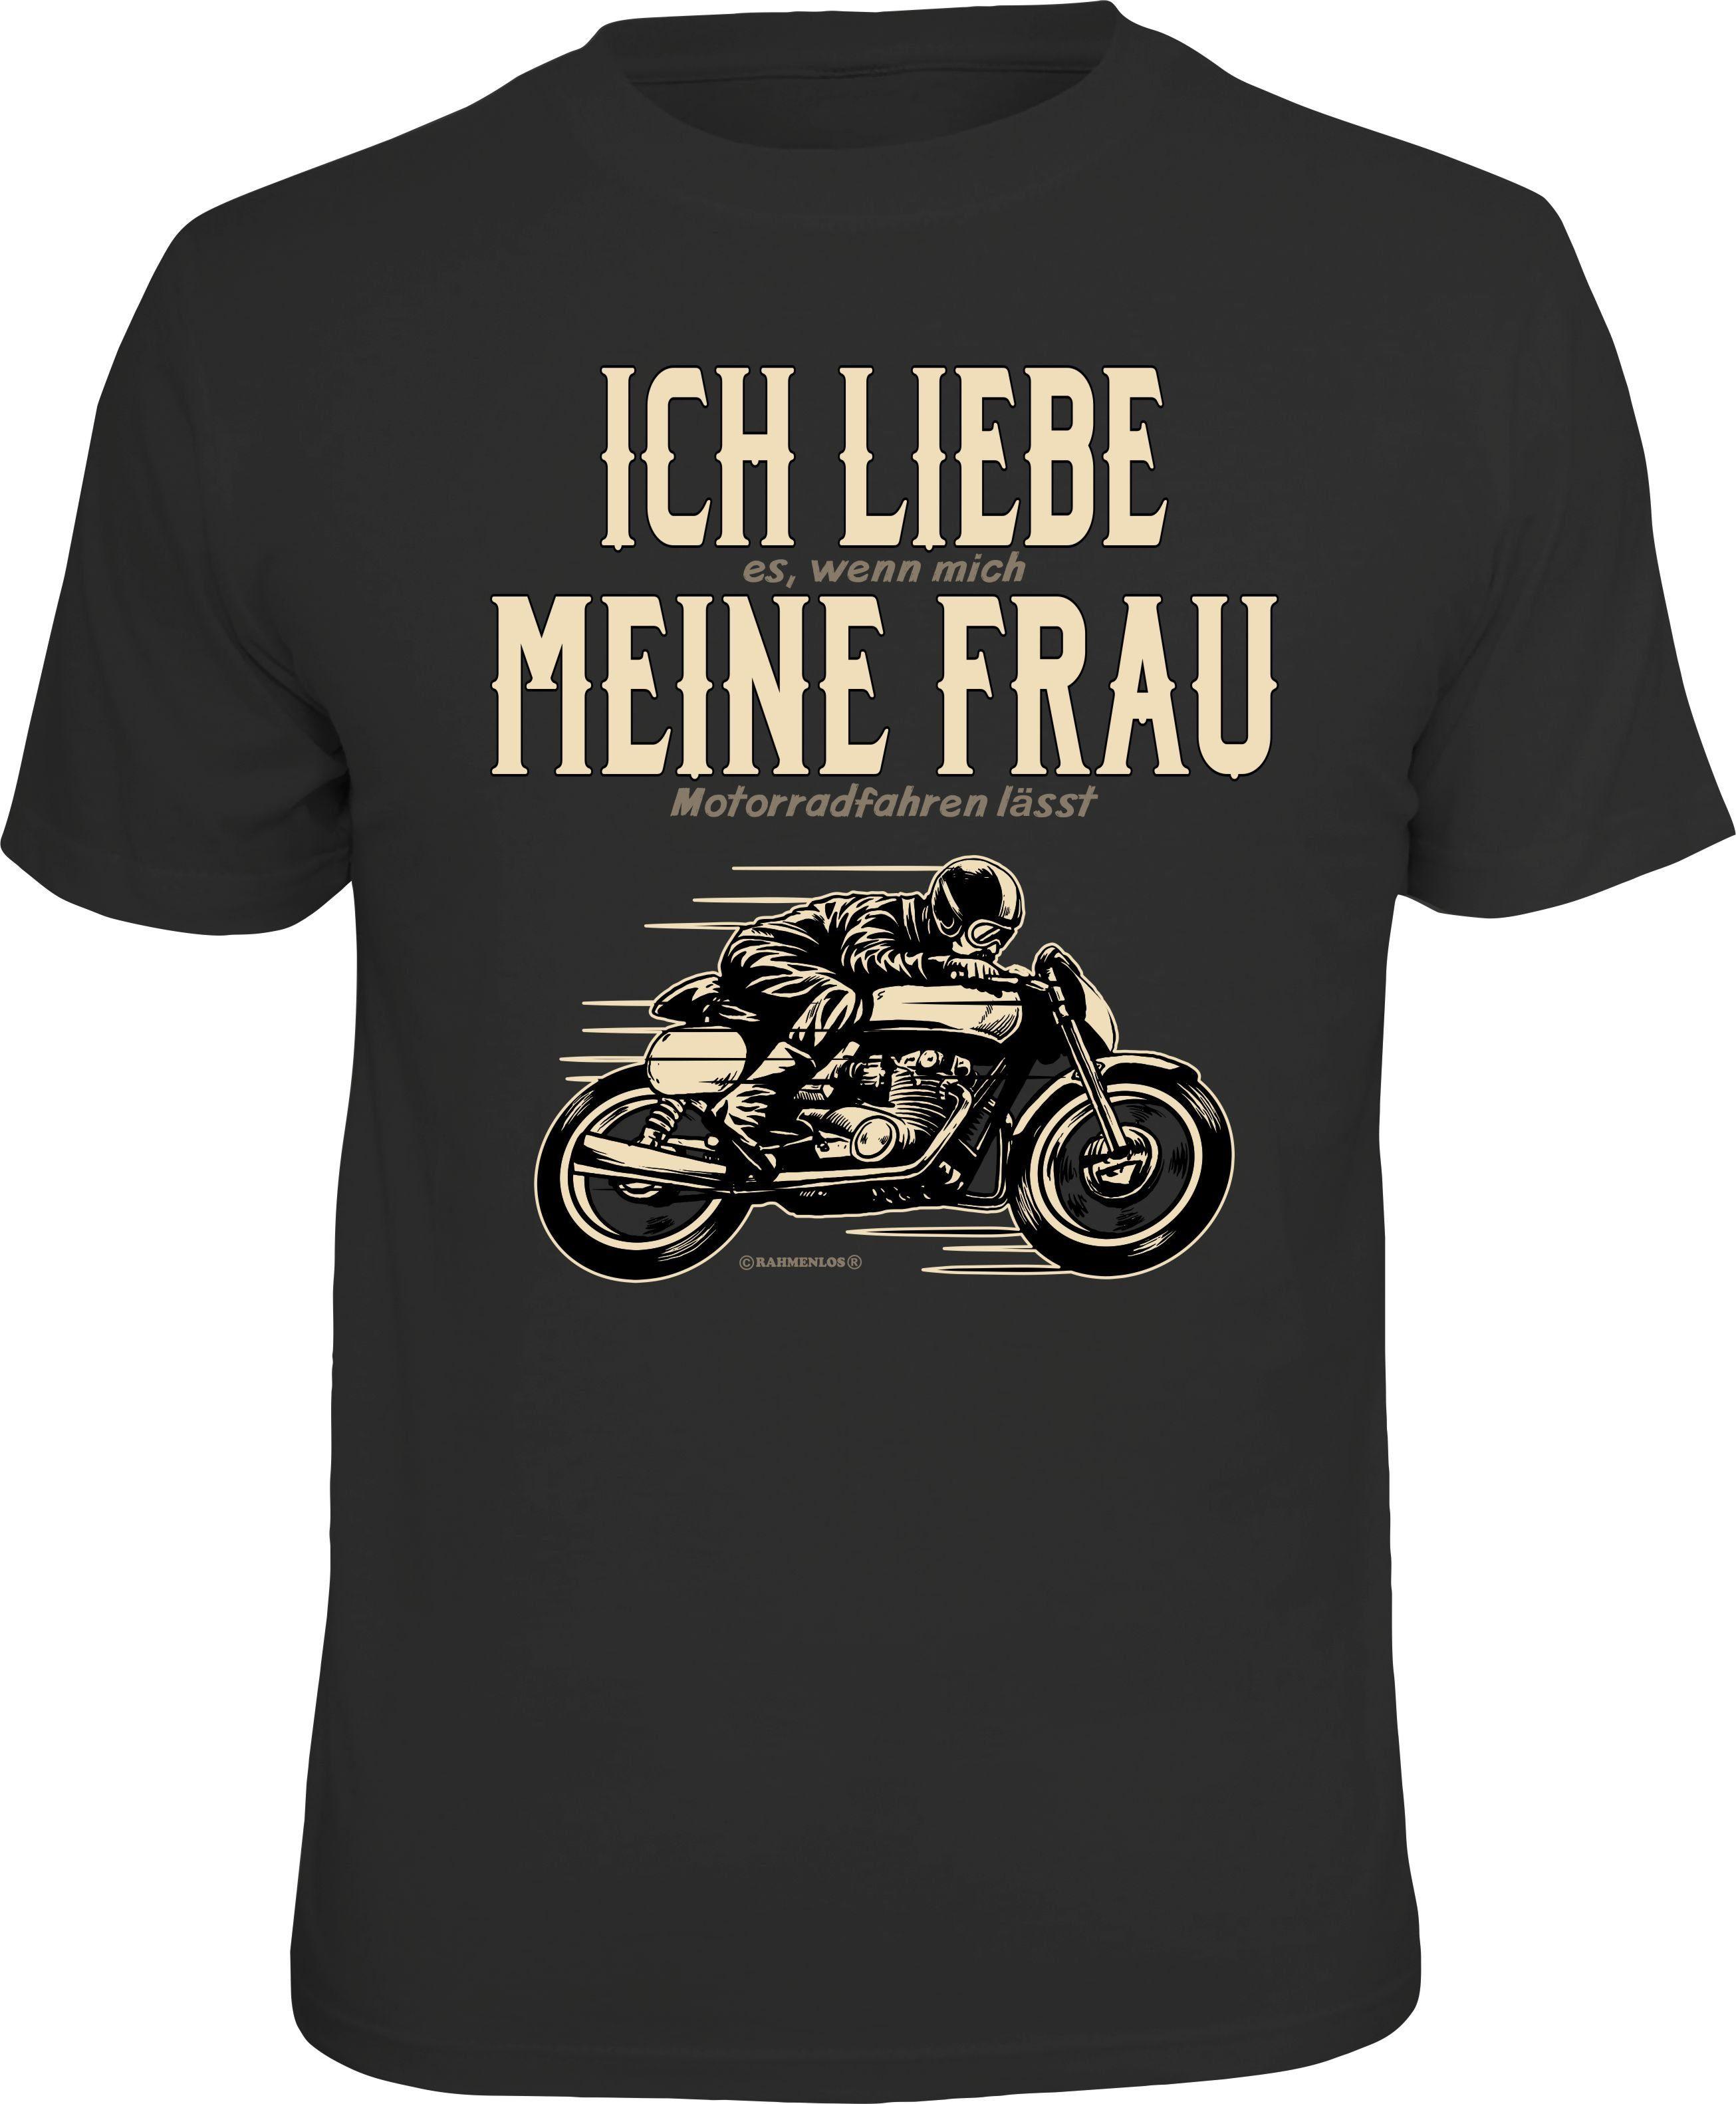 Rahmenlos T-Shirt mit witzigem Motorrad-Motiv Herrenmode/Große Größen/Shirts